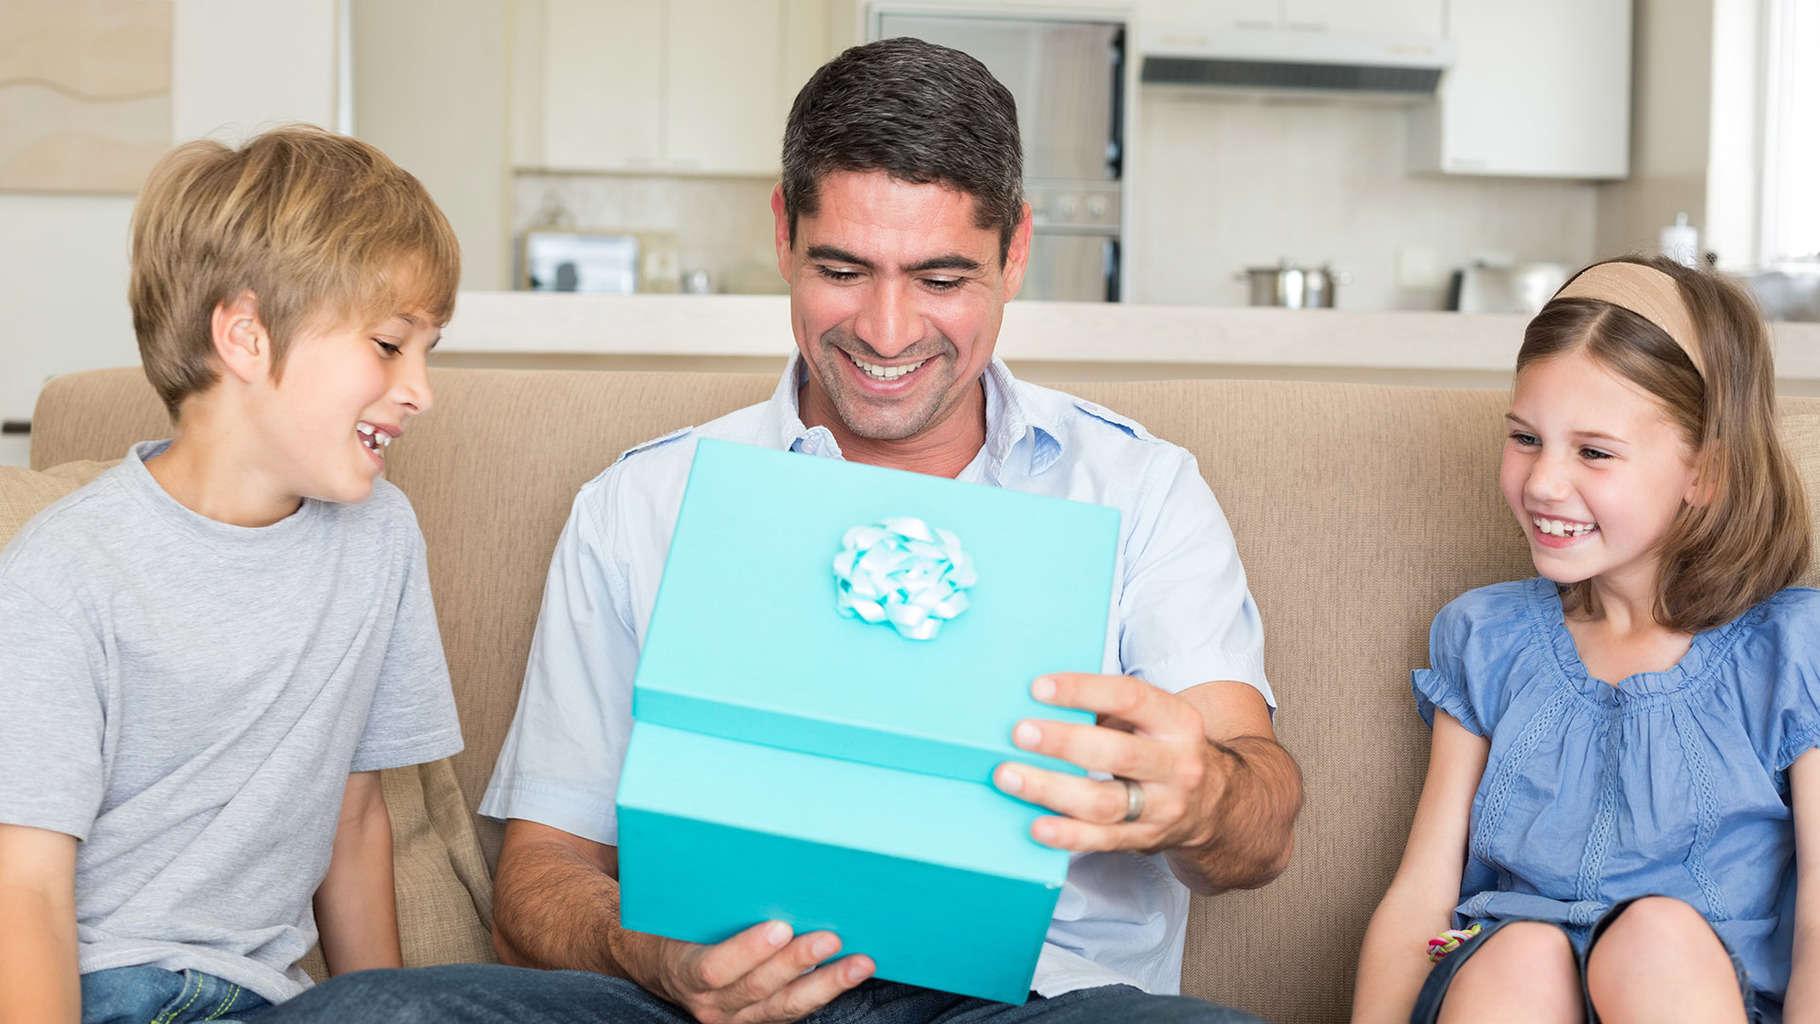 regalos para el dia del padre